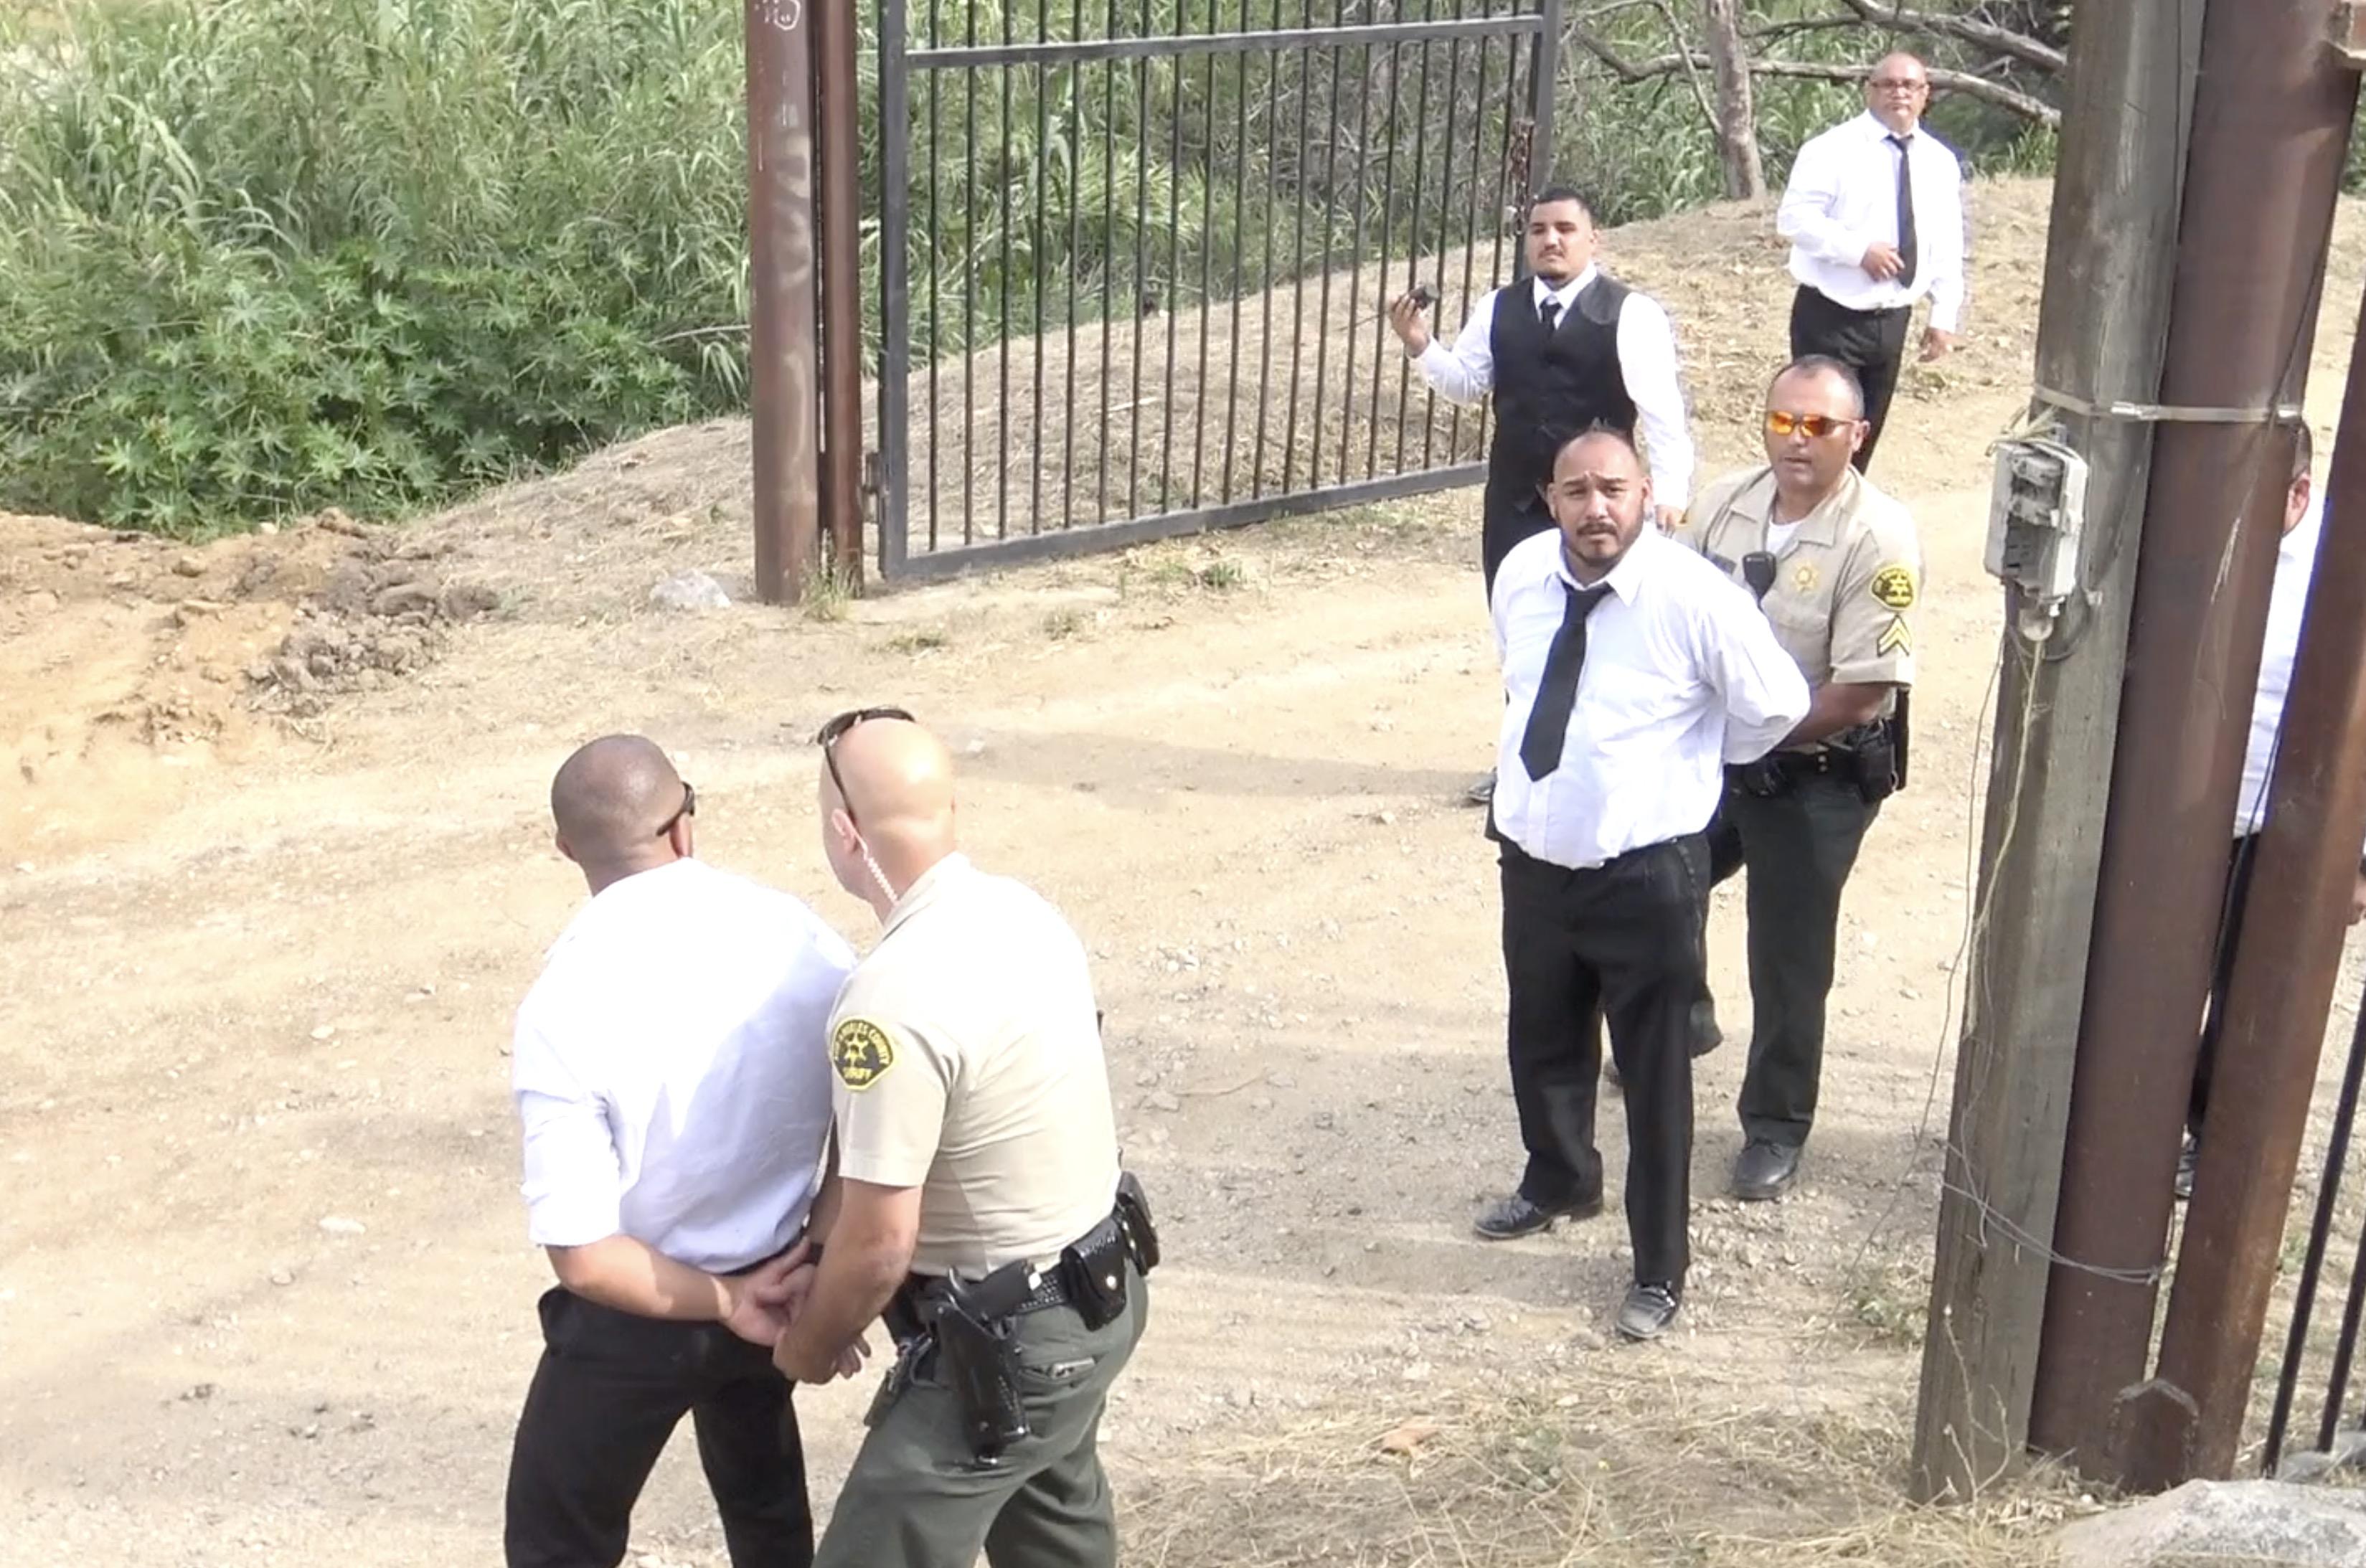 Miembros de la seguridad son arrestados